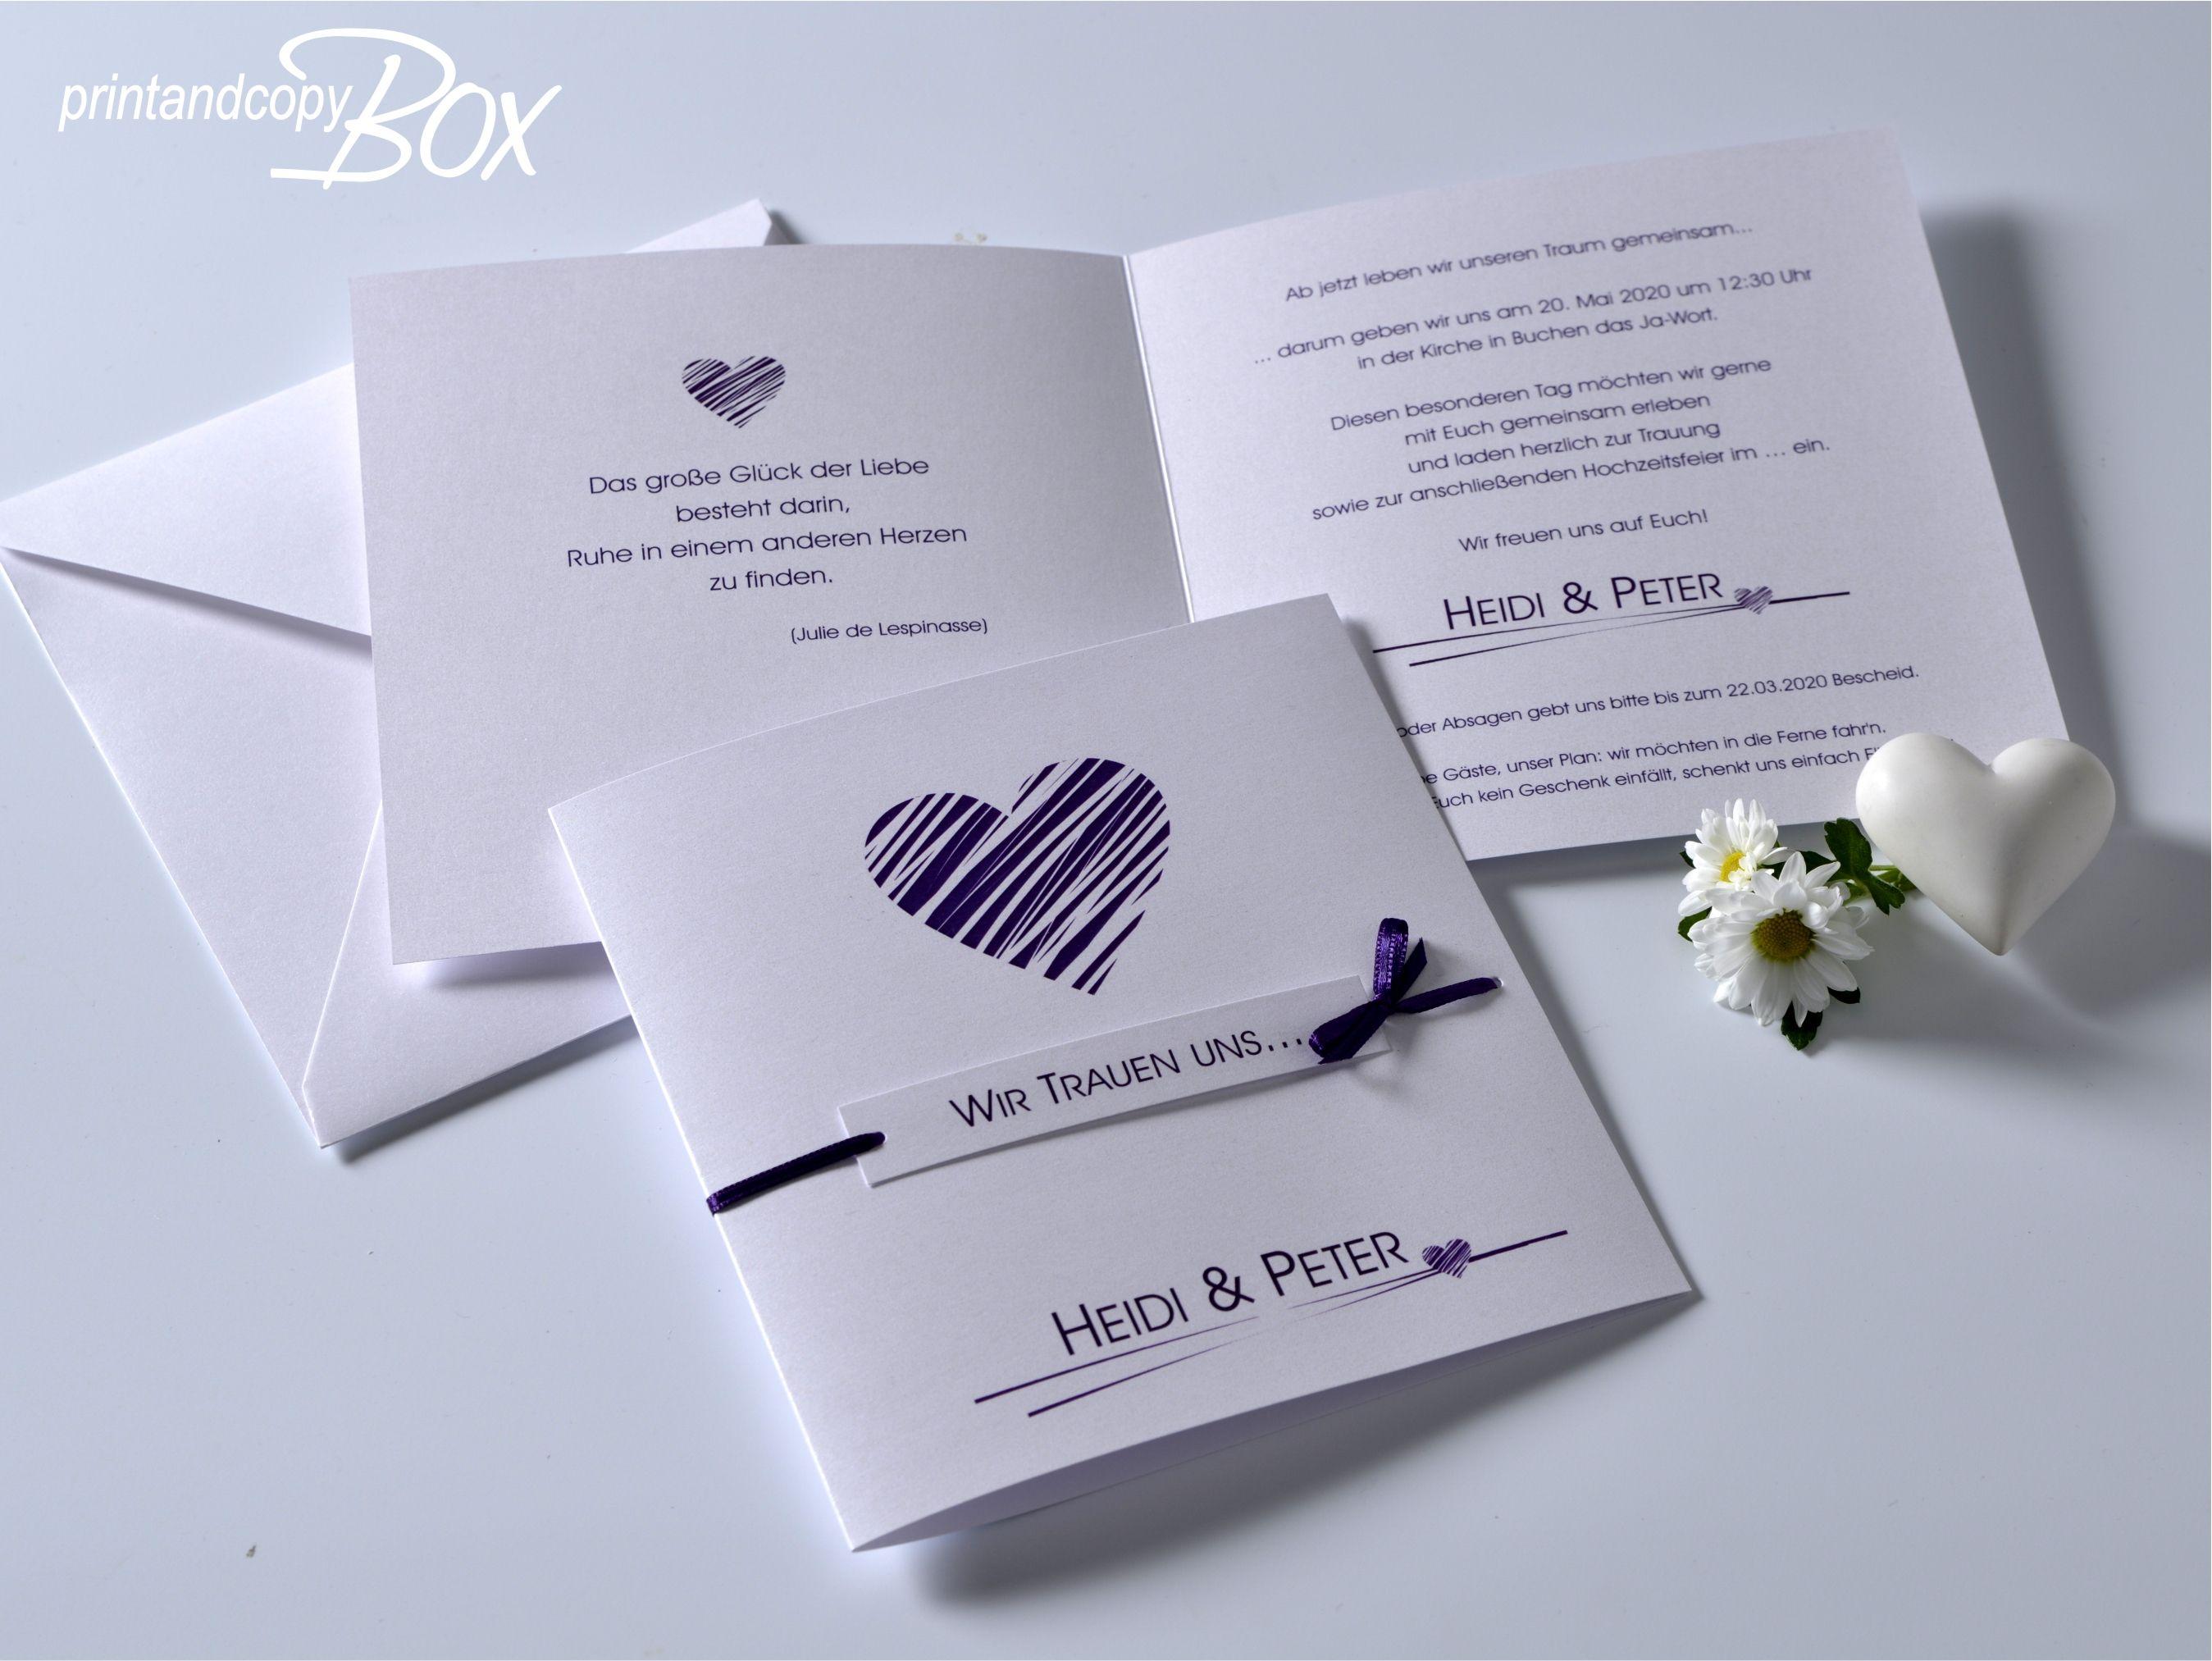 Hochzeitseinladung mit einem herz in lila angesagte for Pinterest hochzeitseinladung